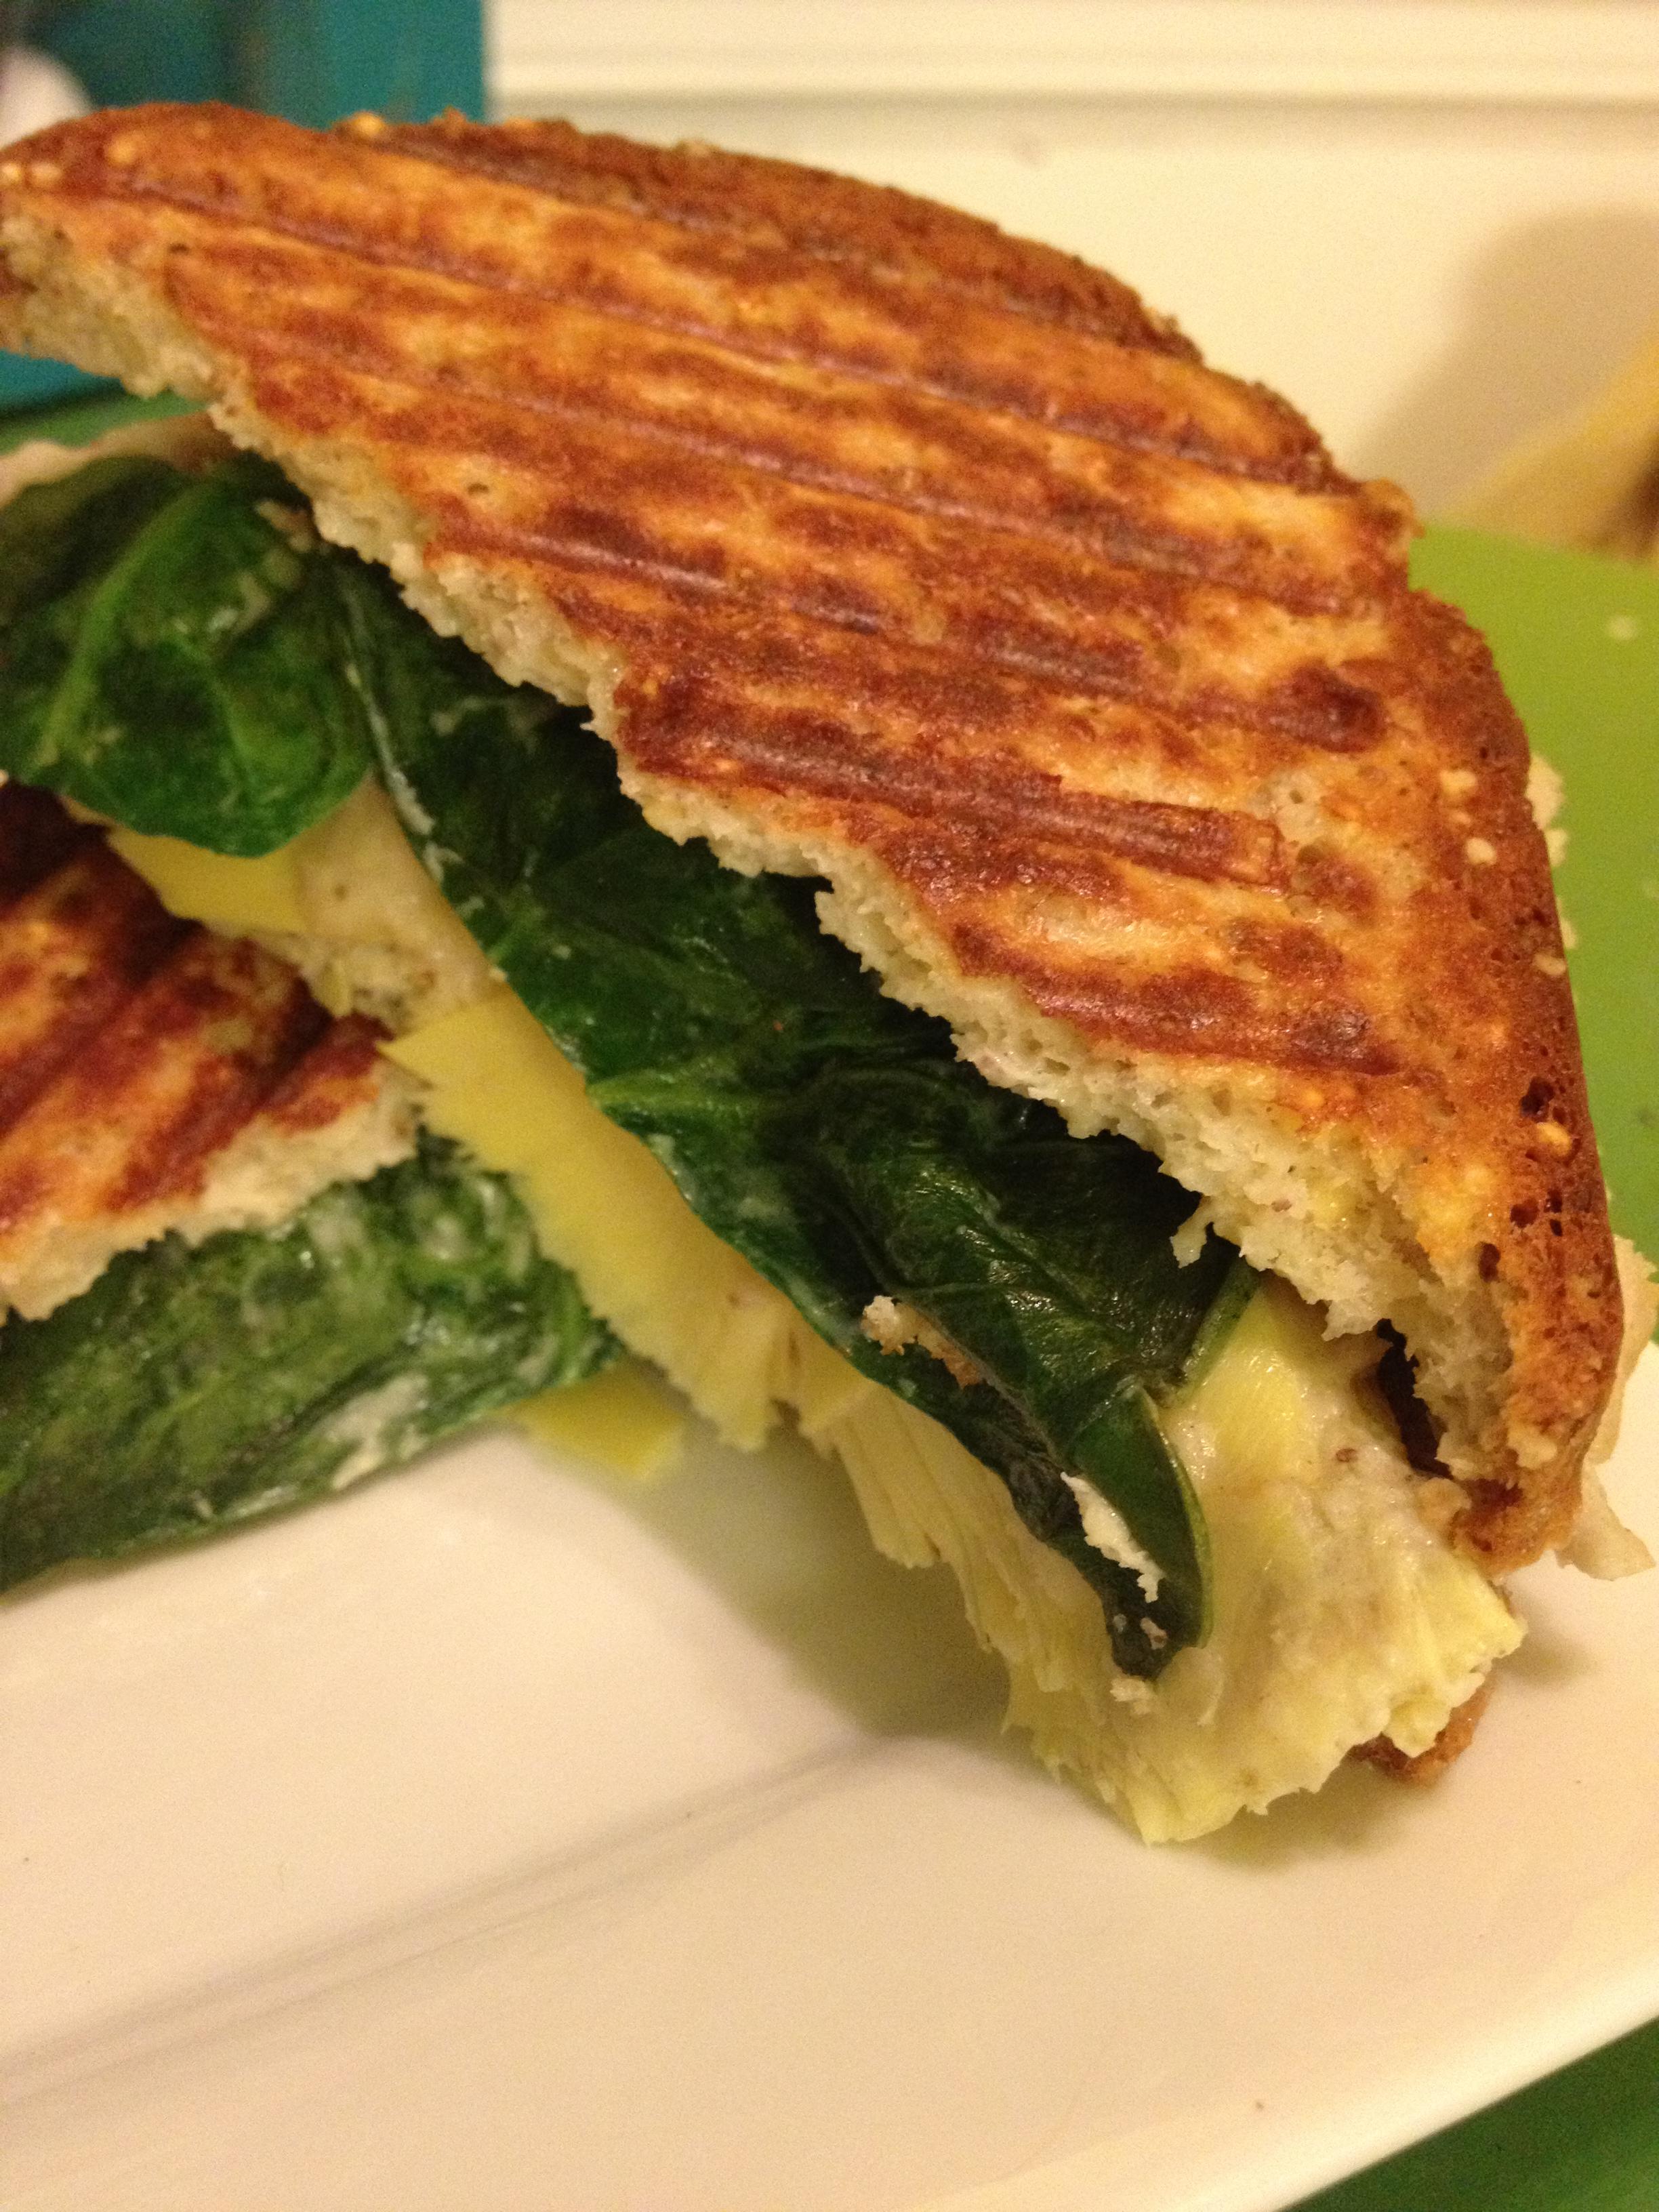 Spinach Artichoke Panini, Gluten-Free, Dairy-Free, Vegan